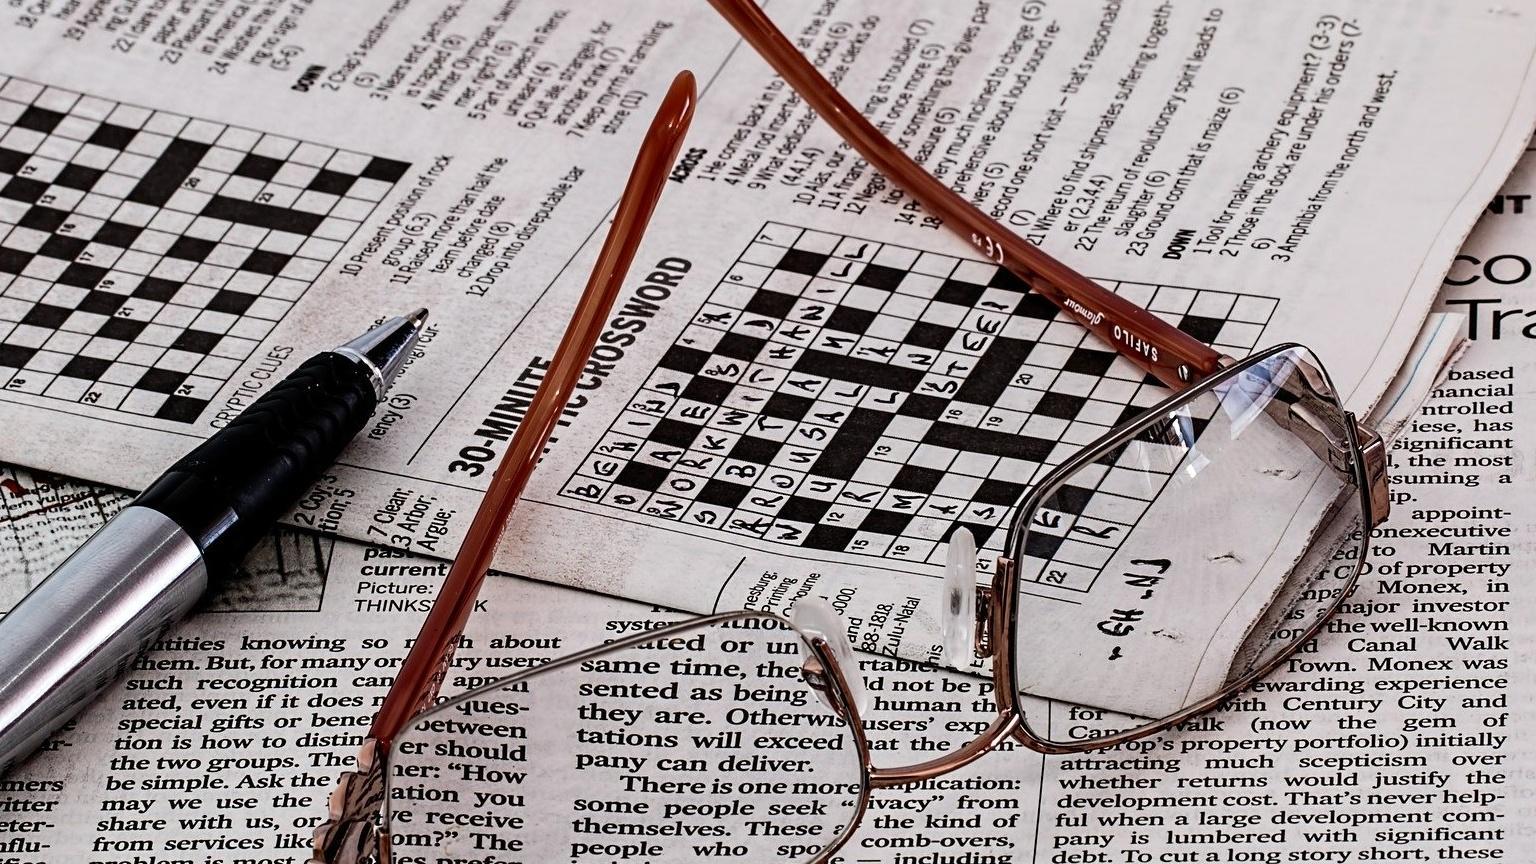 Geliebte des Zeus: Kreuzworträtsel - die häufigsten Lösungen